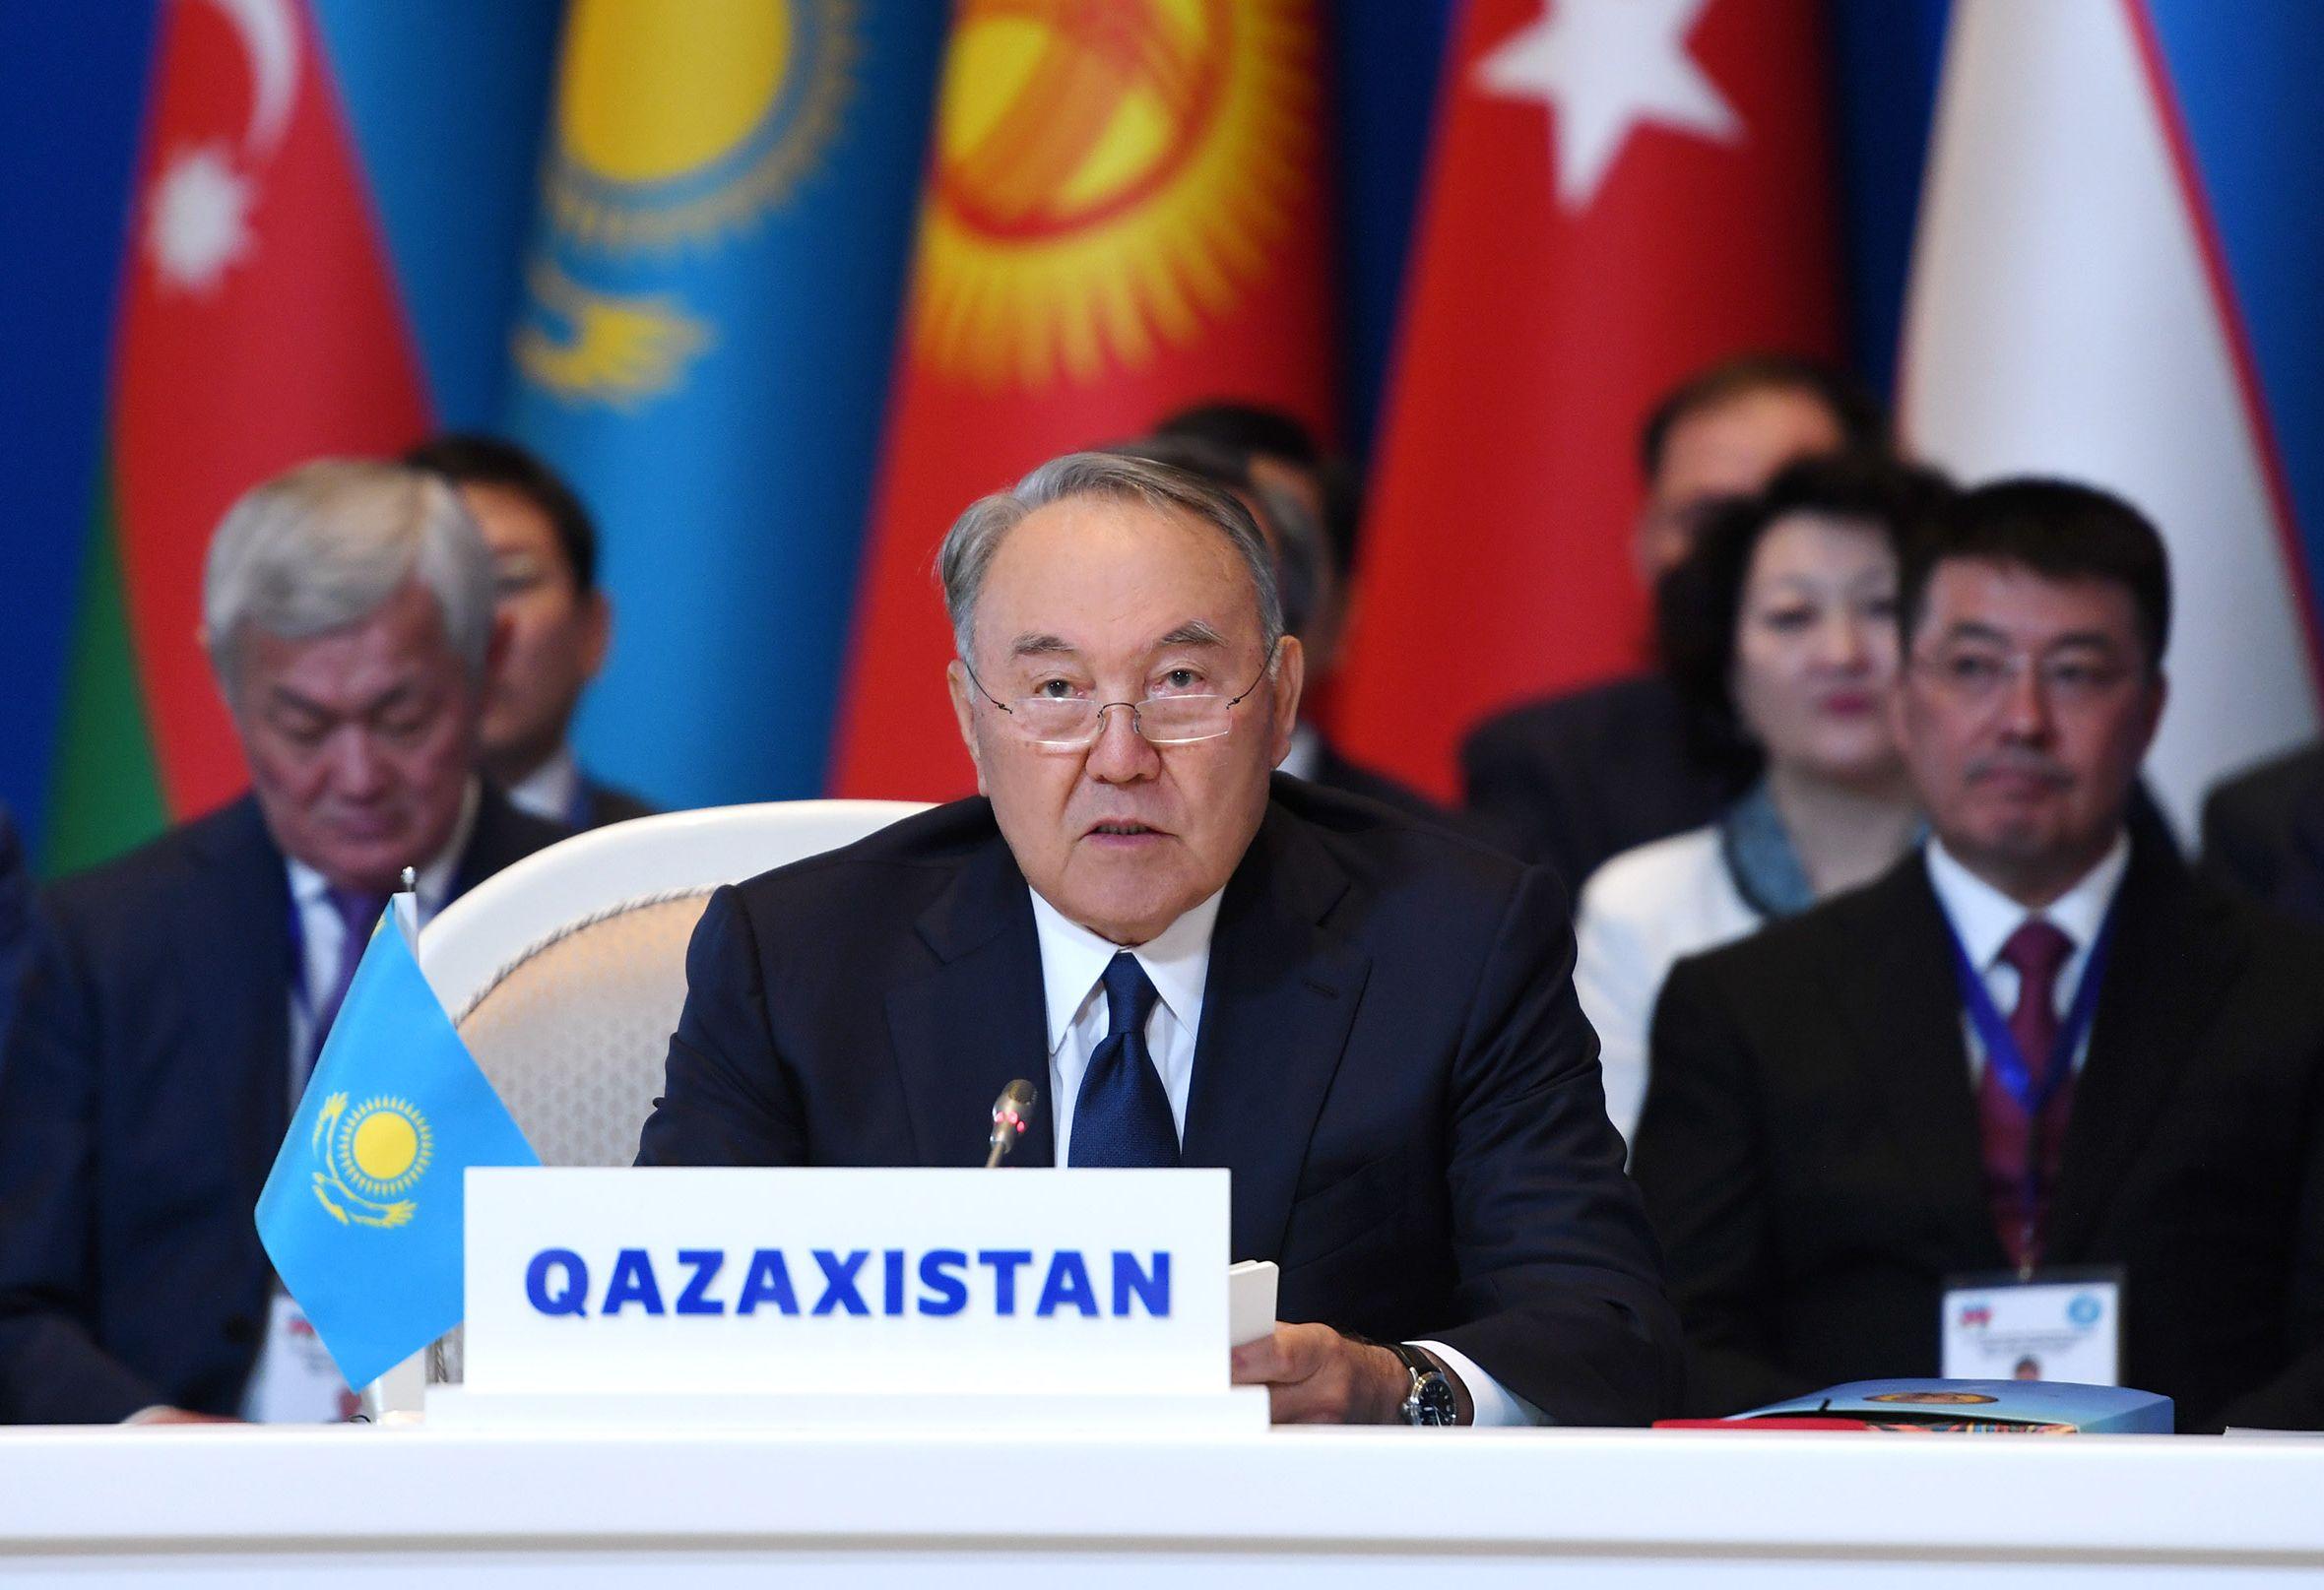 Нурсултан Назарбаев выдвинул две инициативы по развитию Тюркского совета - Kapital.kz